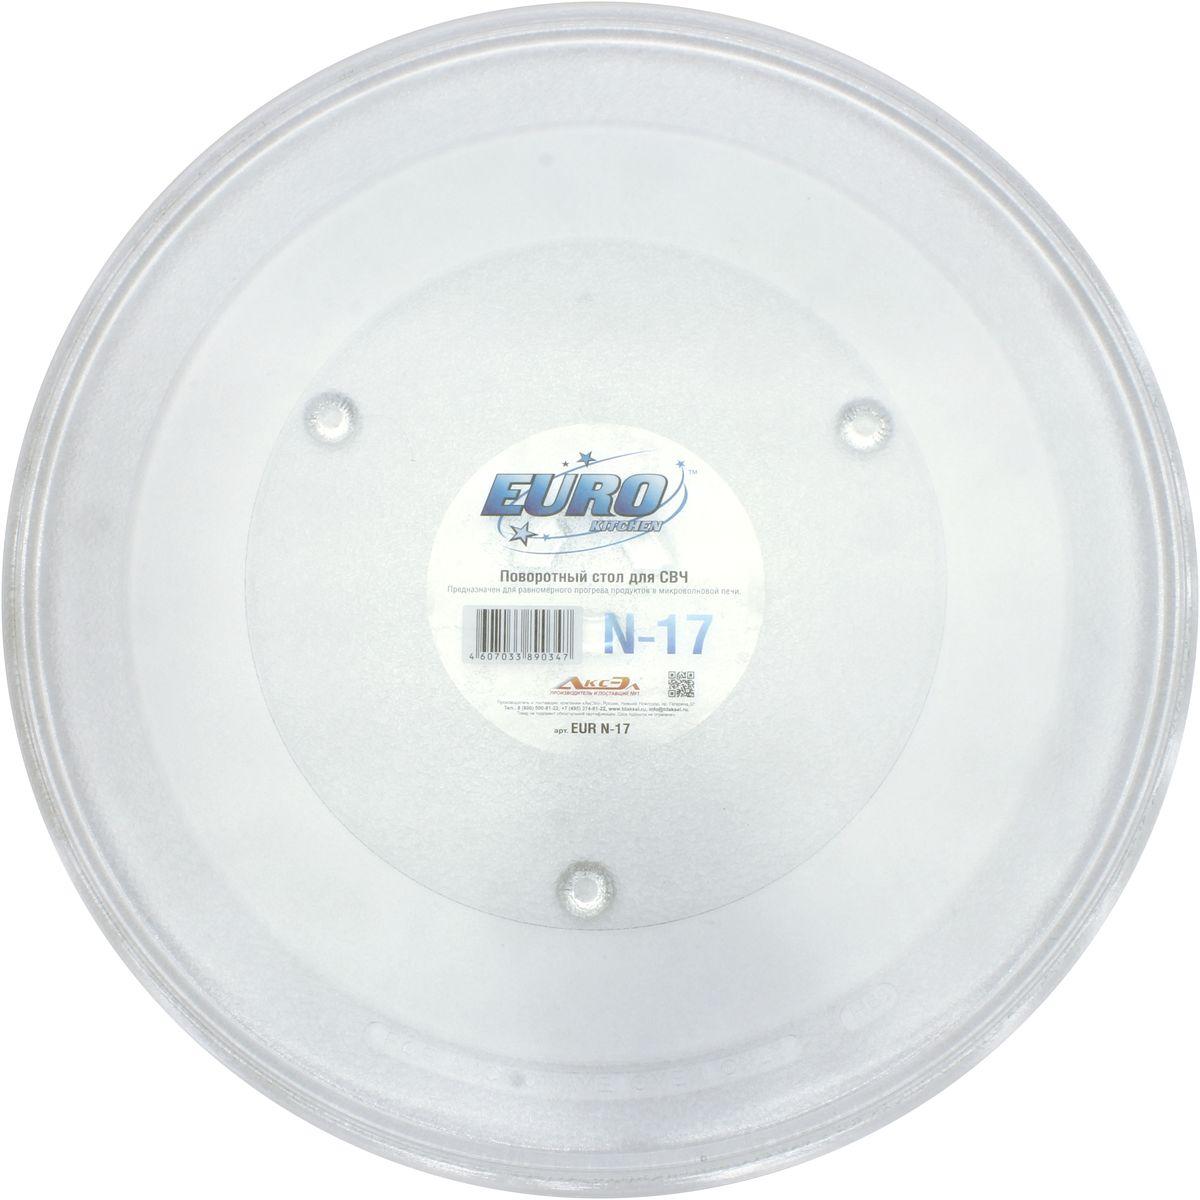 Euro Kitchen N-17 тарелка для СВЧ asko hss1053t